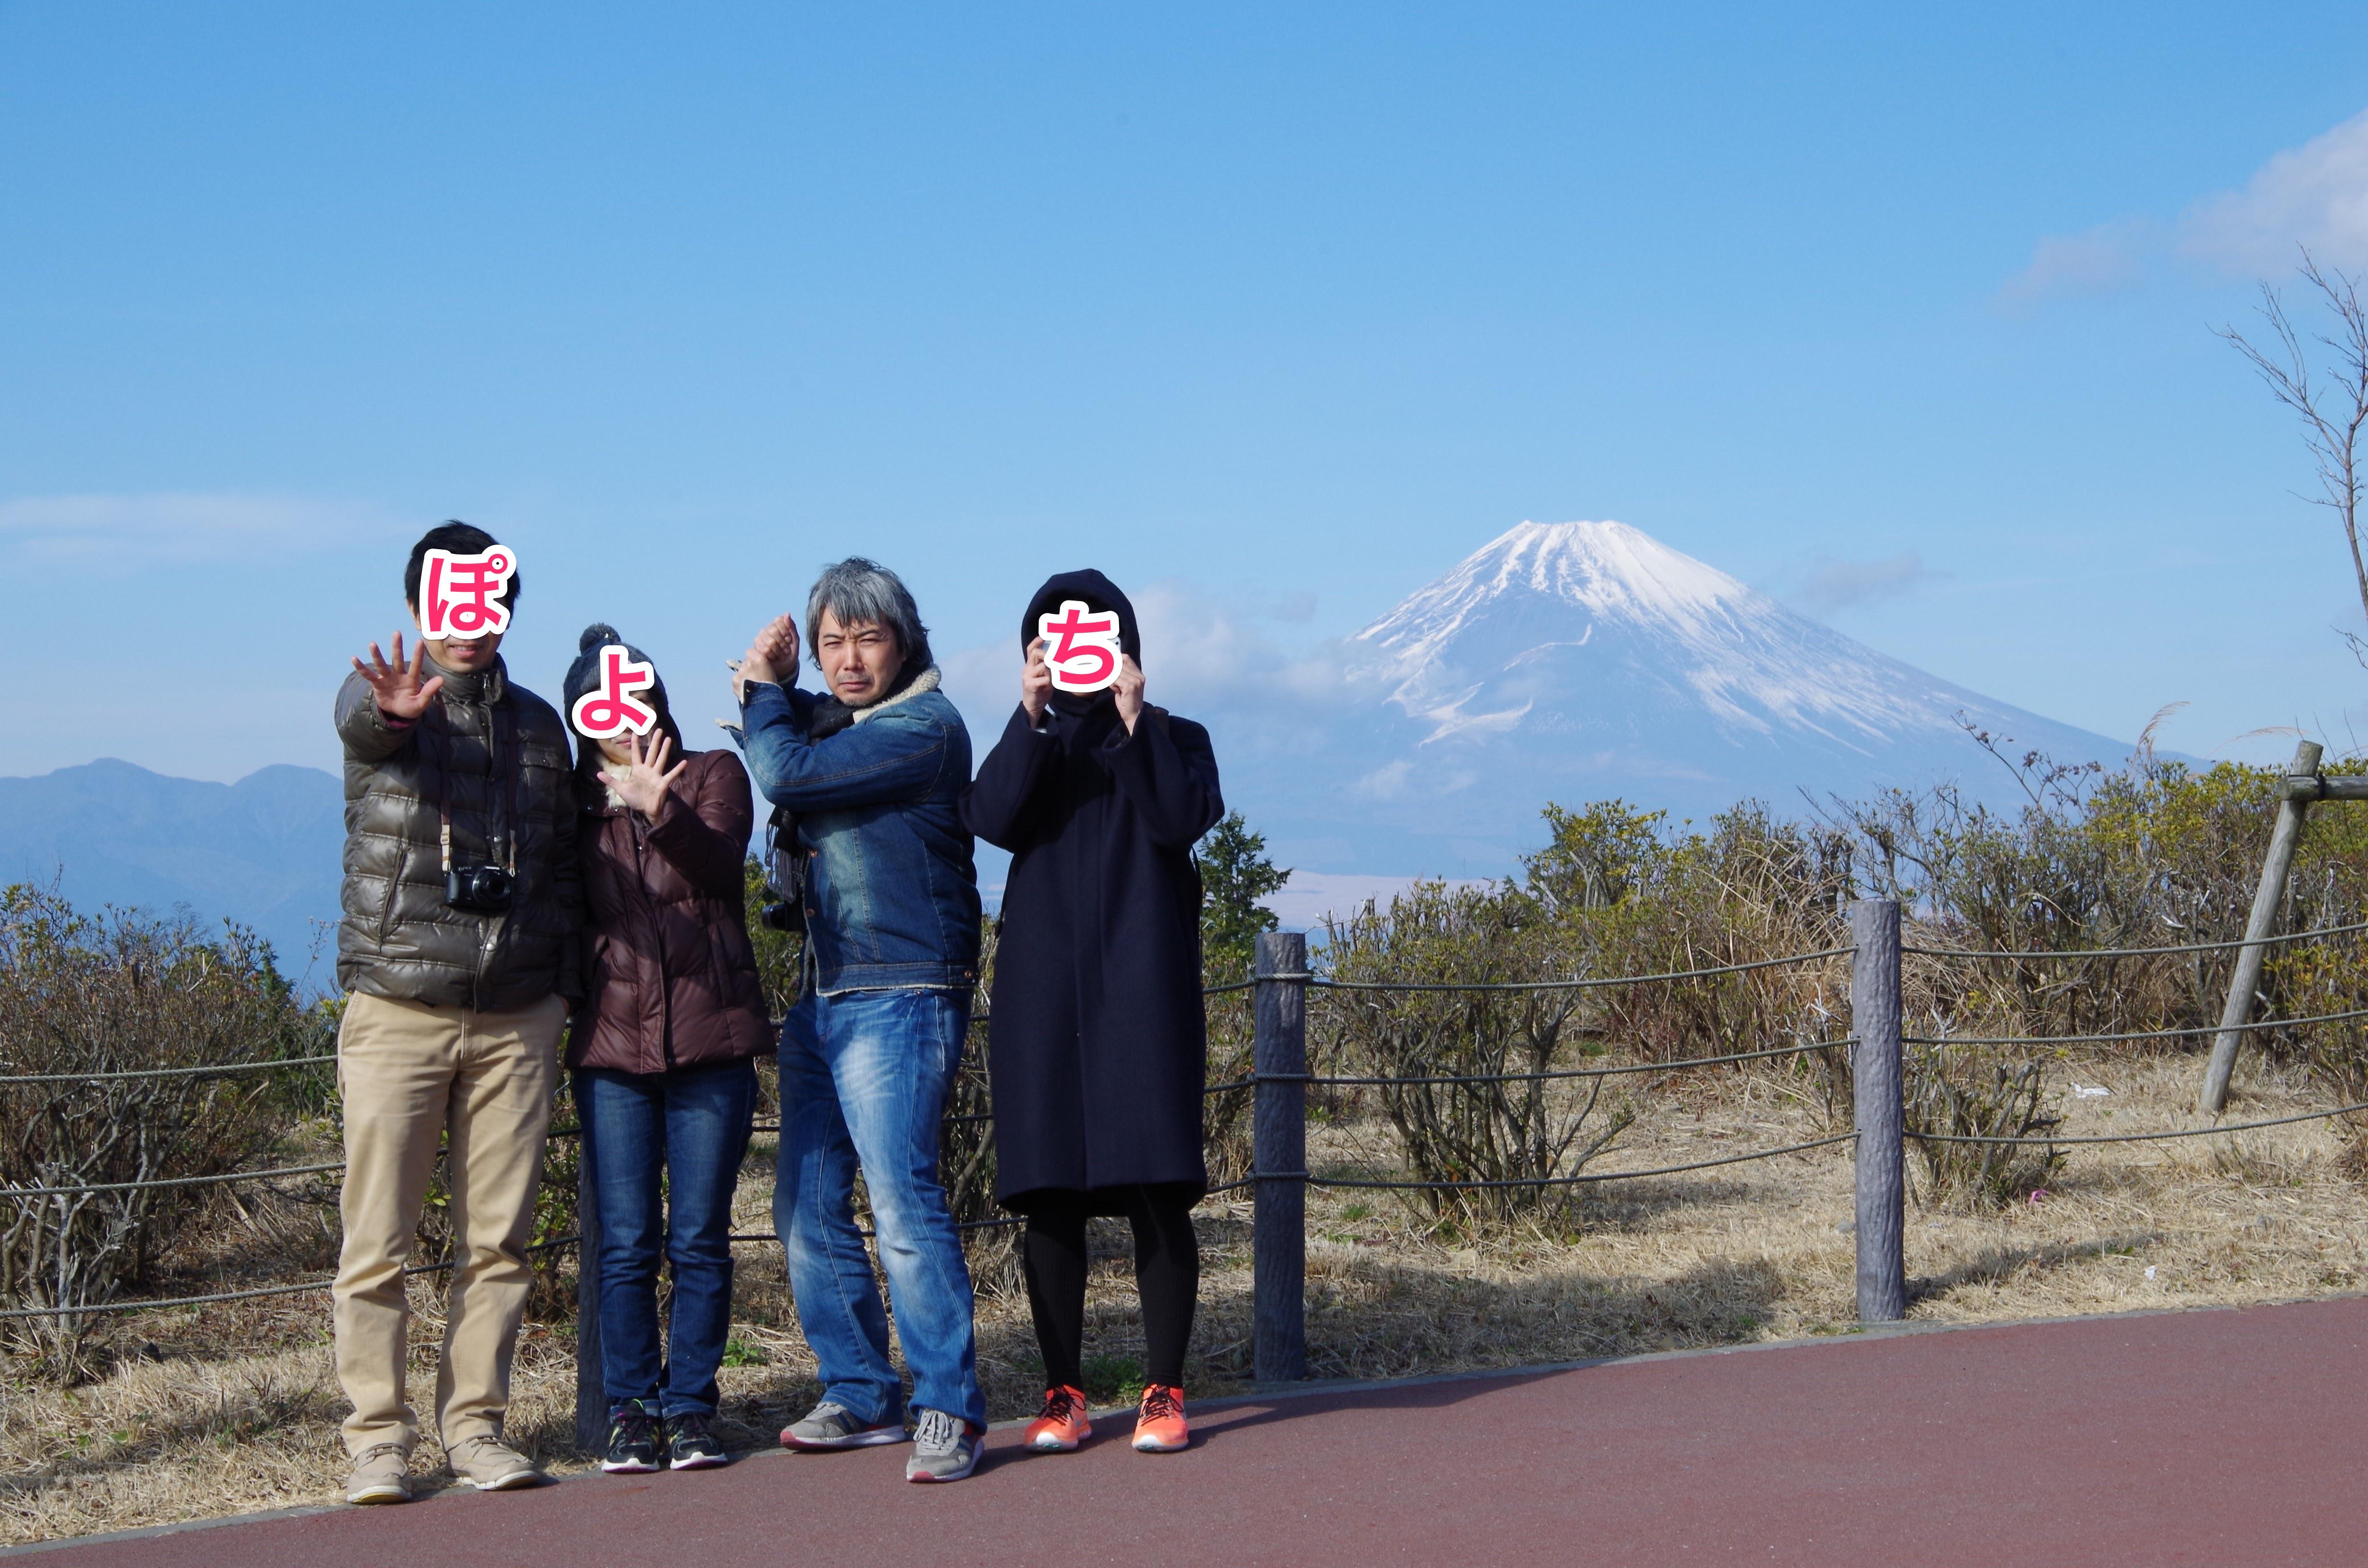 【富士山見ながら日帰りドライブ】酪農王国から沼津港へ!新年ミステリーツアー静岡編 前編